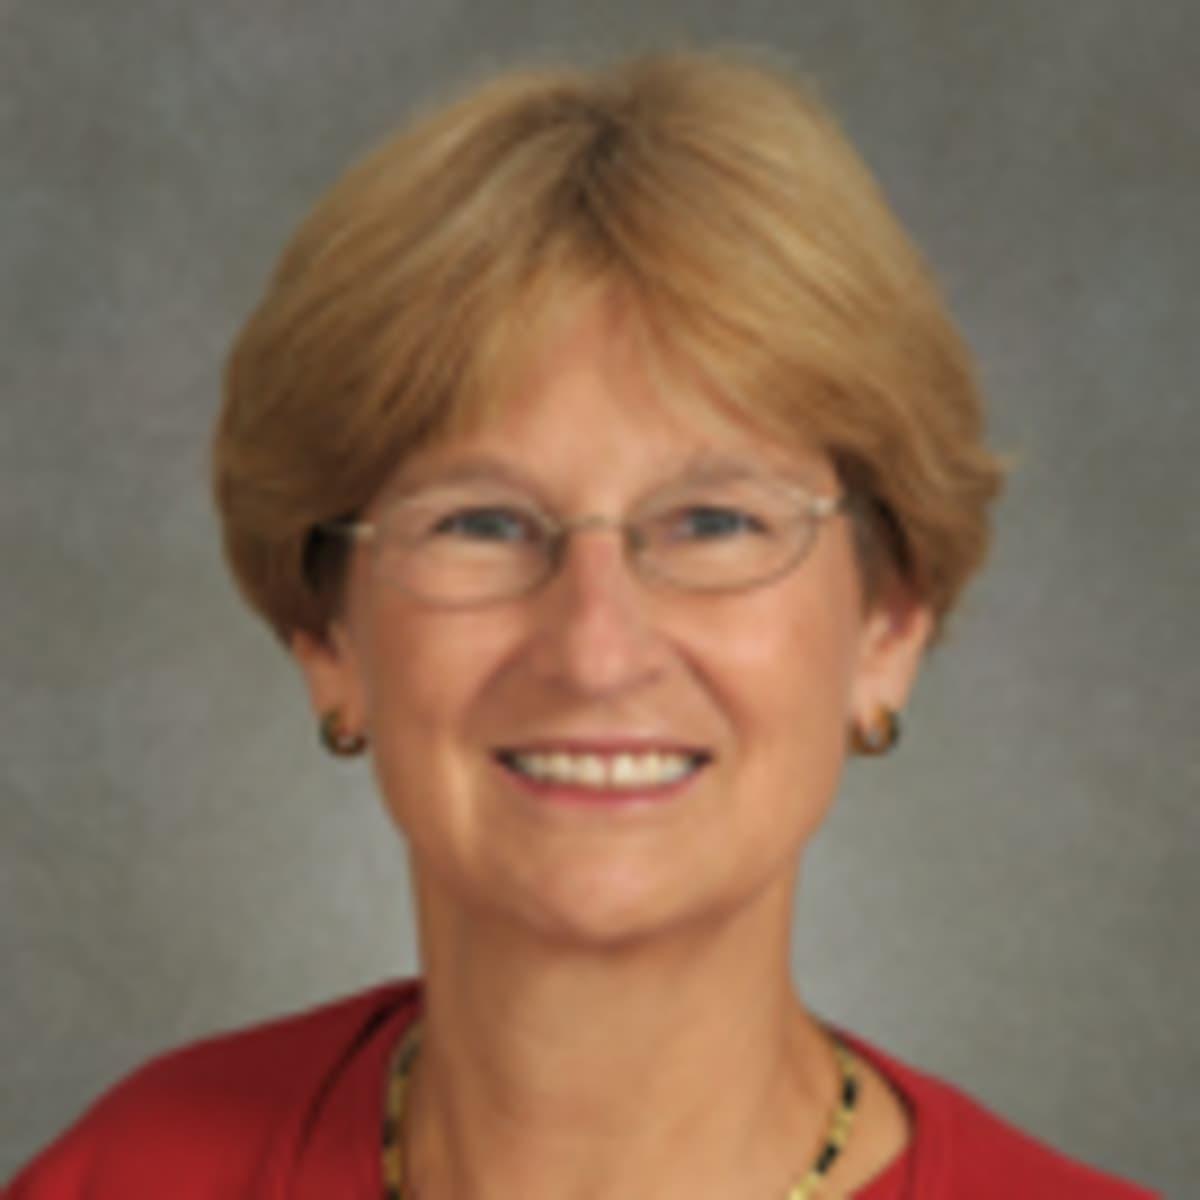 Dr Margaret Parker Md Stony Brook Ny Pediatric